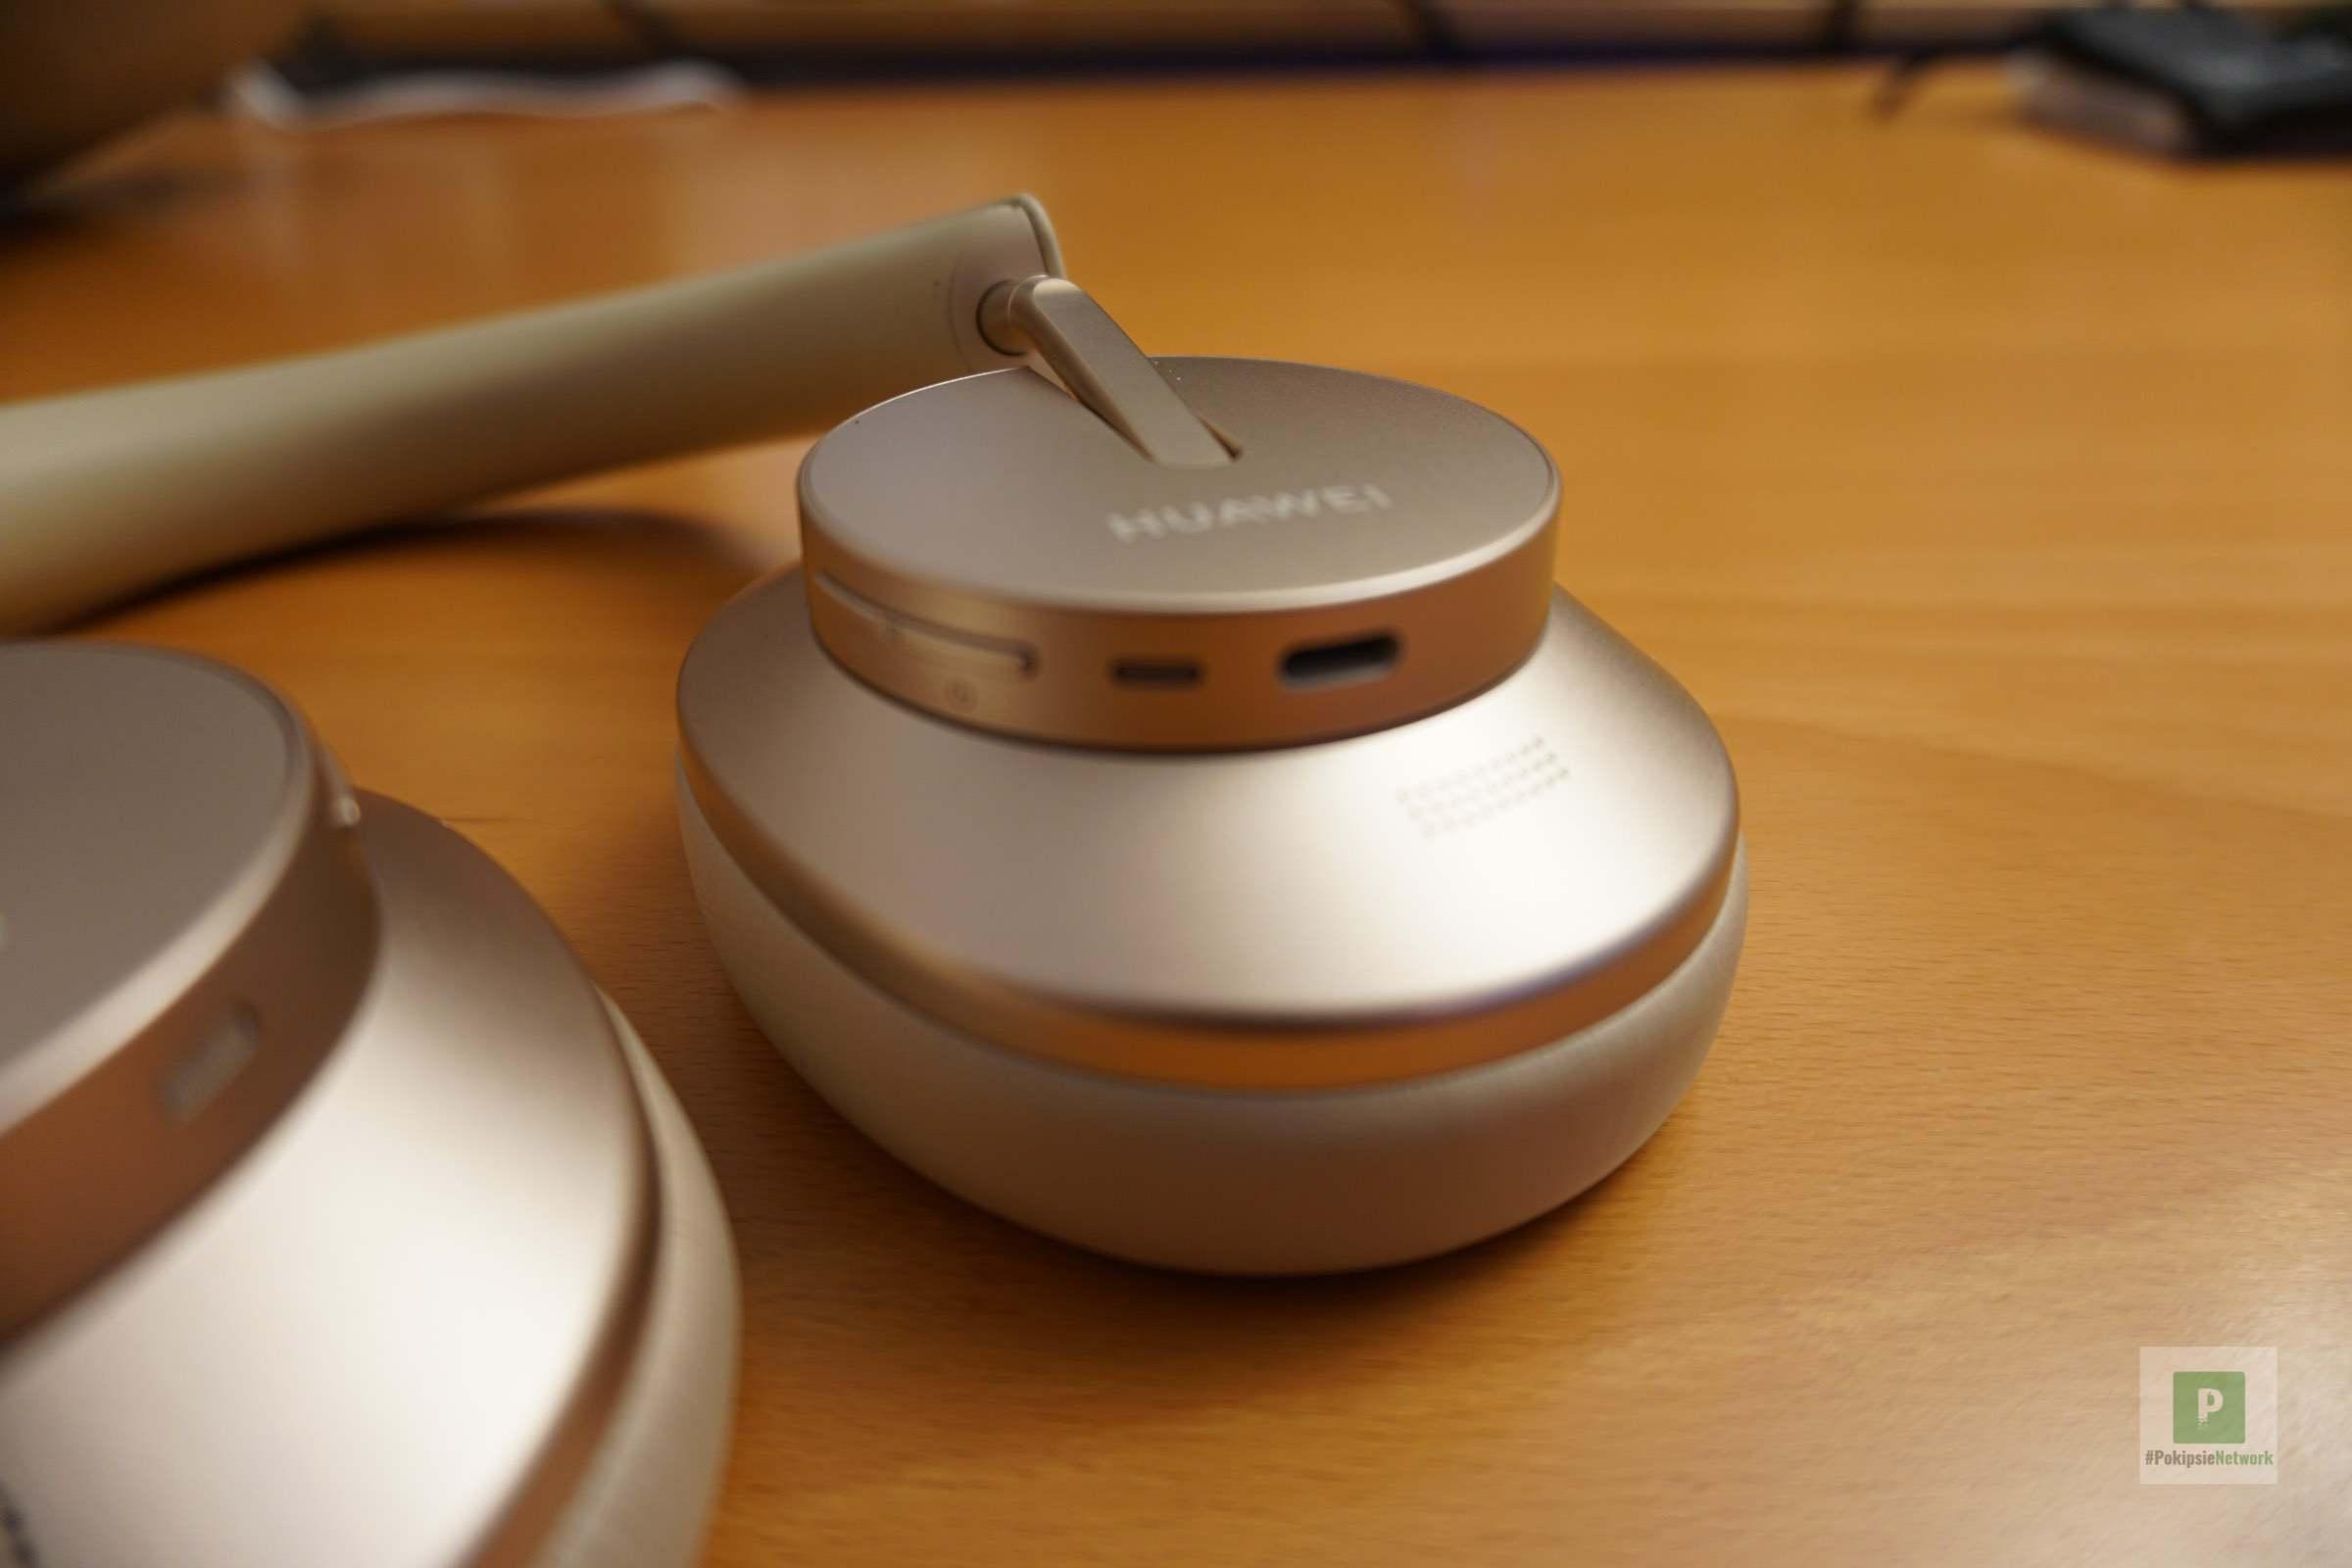 Bedienungsknöpfe und USB-C-Port